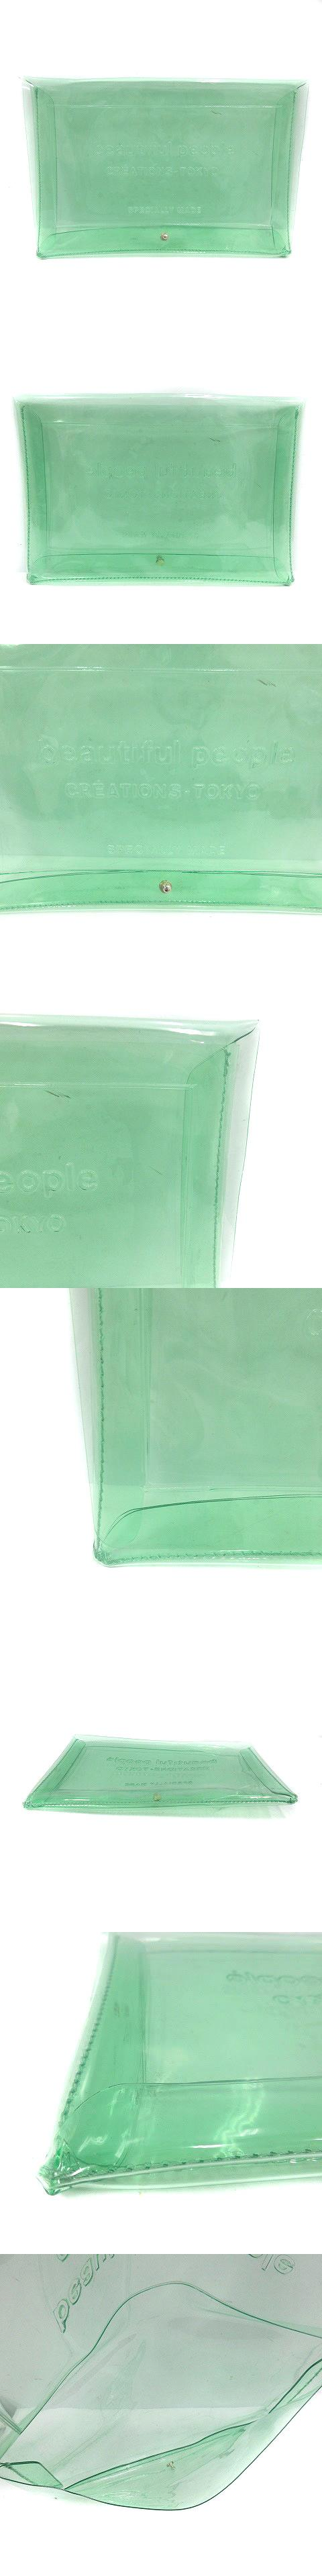 バッグ クラッチ クリアエンボスビニール ロゴ クリア 緑 グリーン /SR